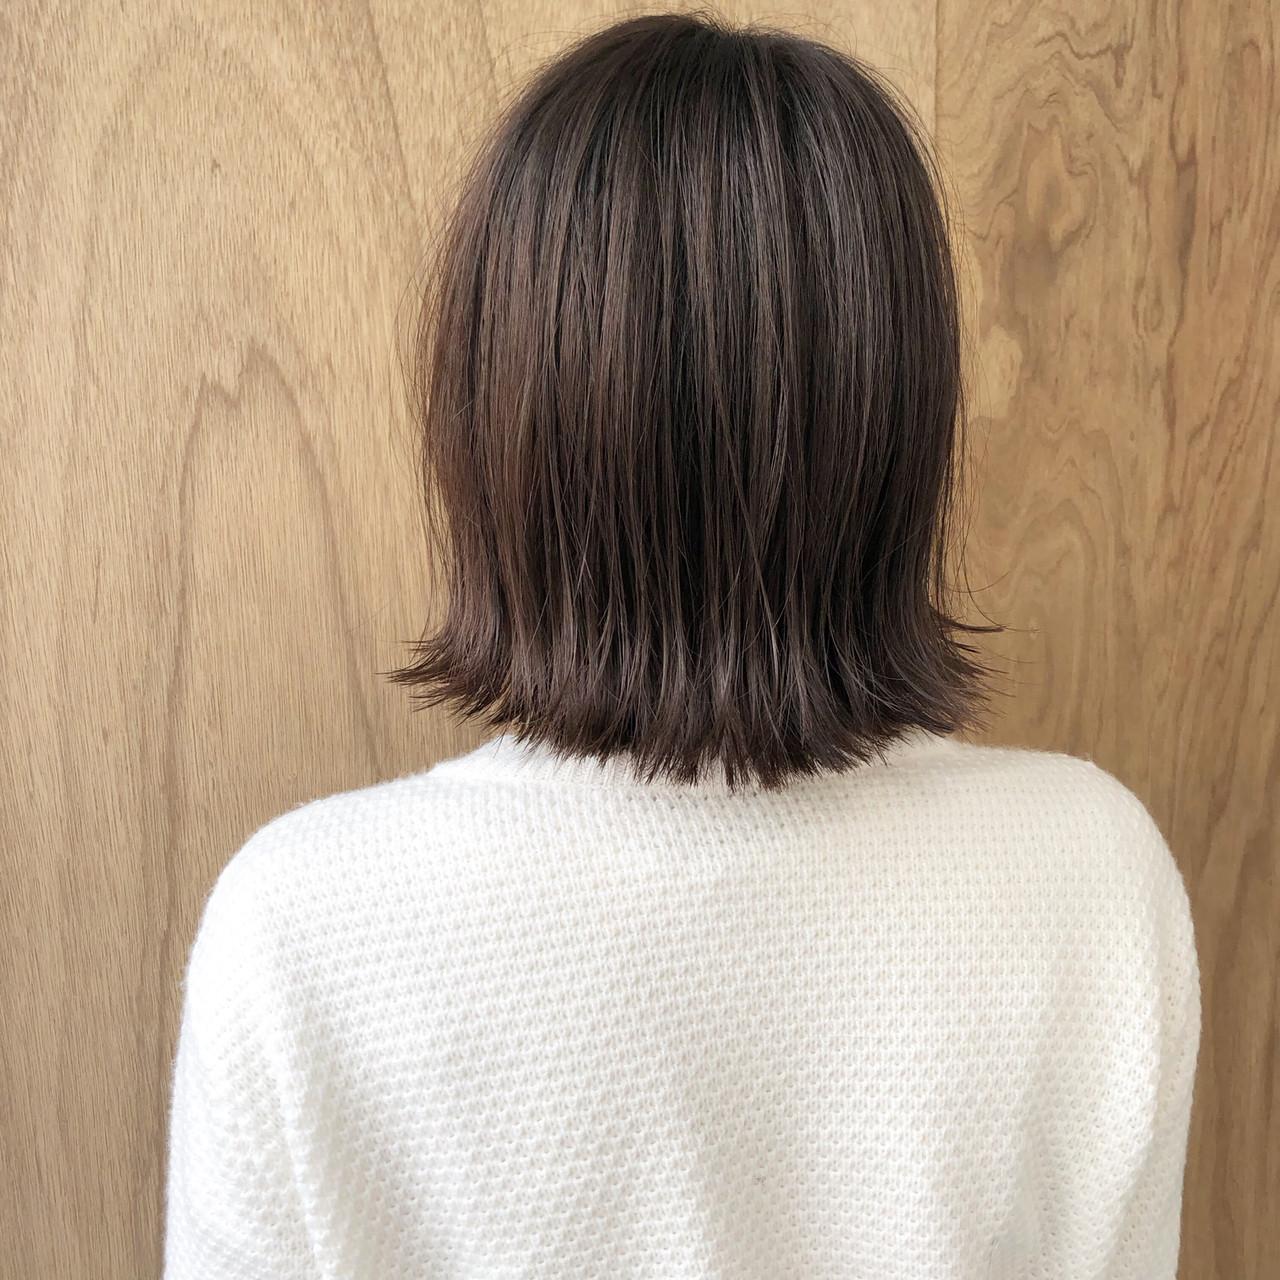 ボブ 切りっぱなしボブ 外ハネボブ ミニボブ ヘアスタイルや髪型の写真・画像 | 松井勇樹 / TWiGGY  歩行町店